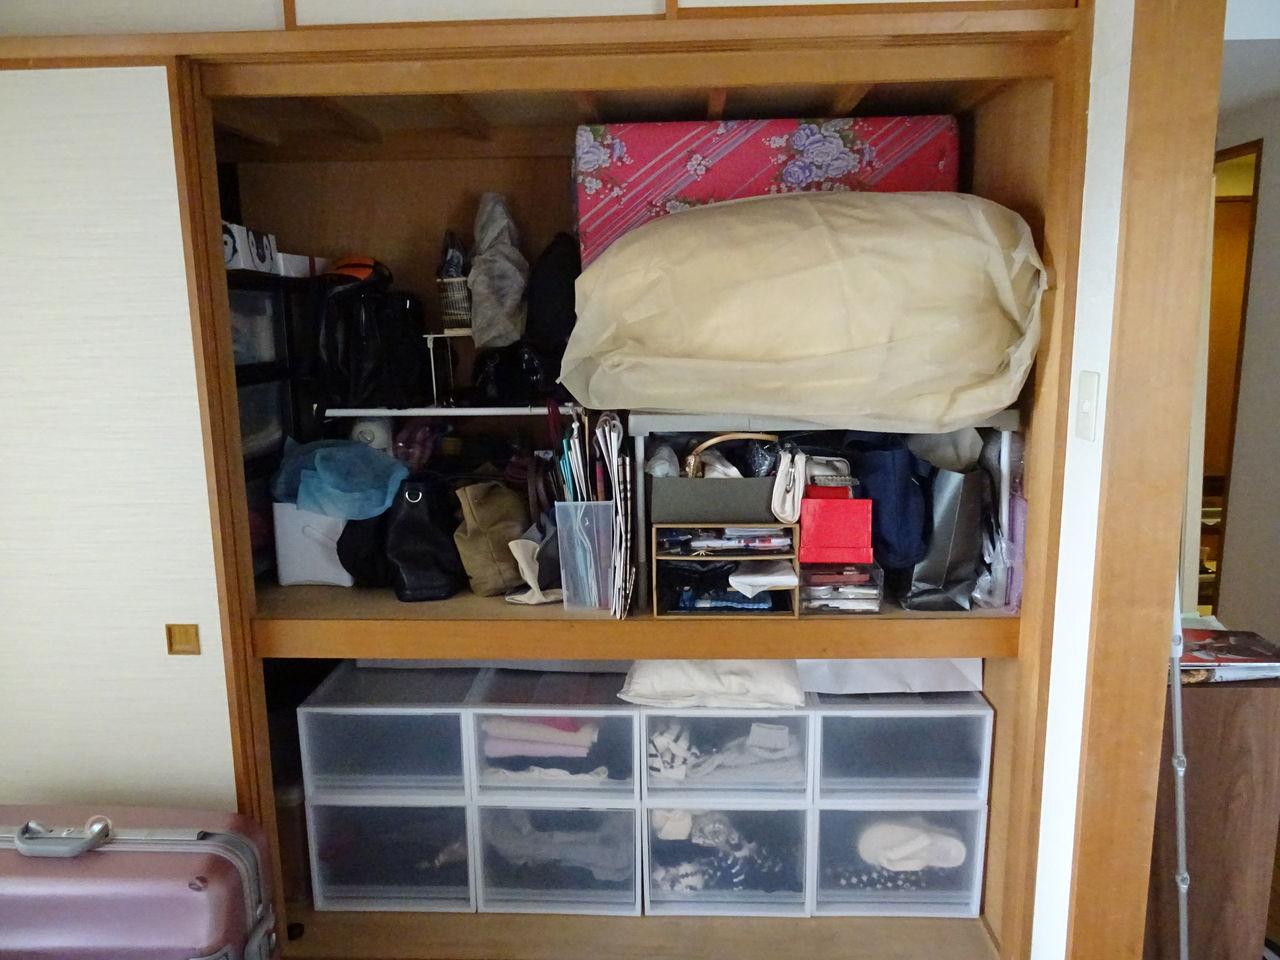 押入れの左側は奥行きがありすぎてとても使いづらく、適当にものを放り込んでいたのですが、こちらも整理。  実家から持ってきた3段衣装ケースは高さがあるので、上の ...